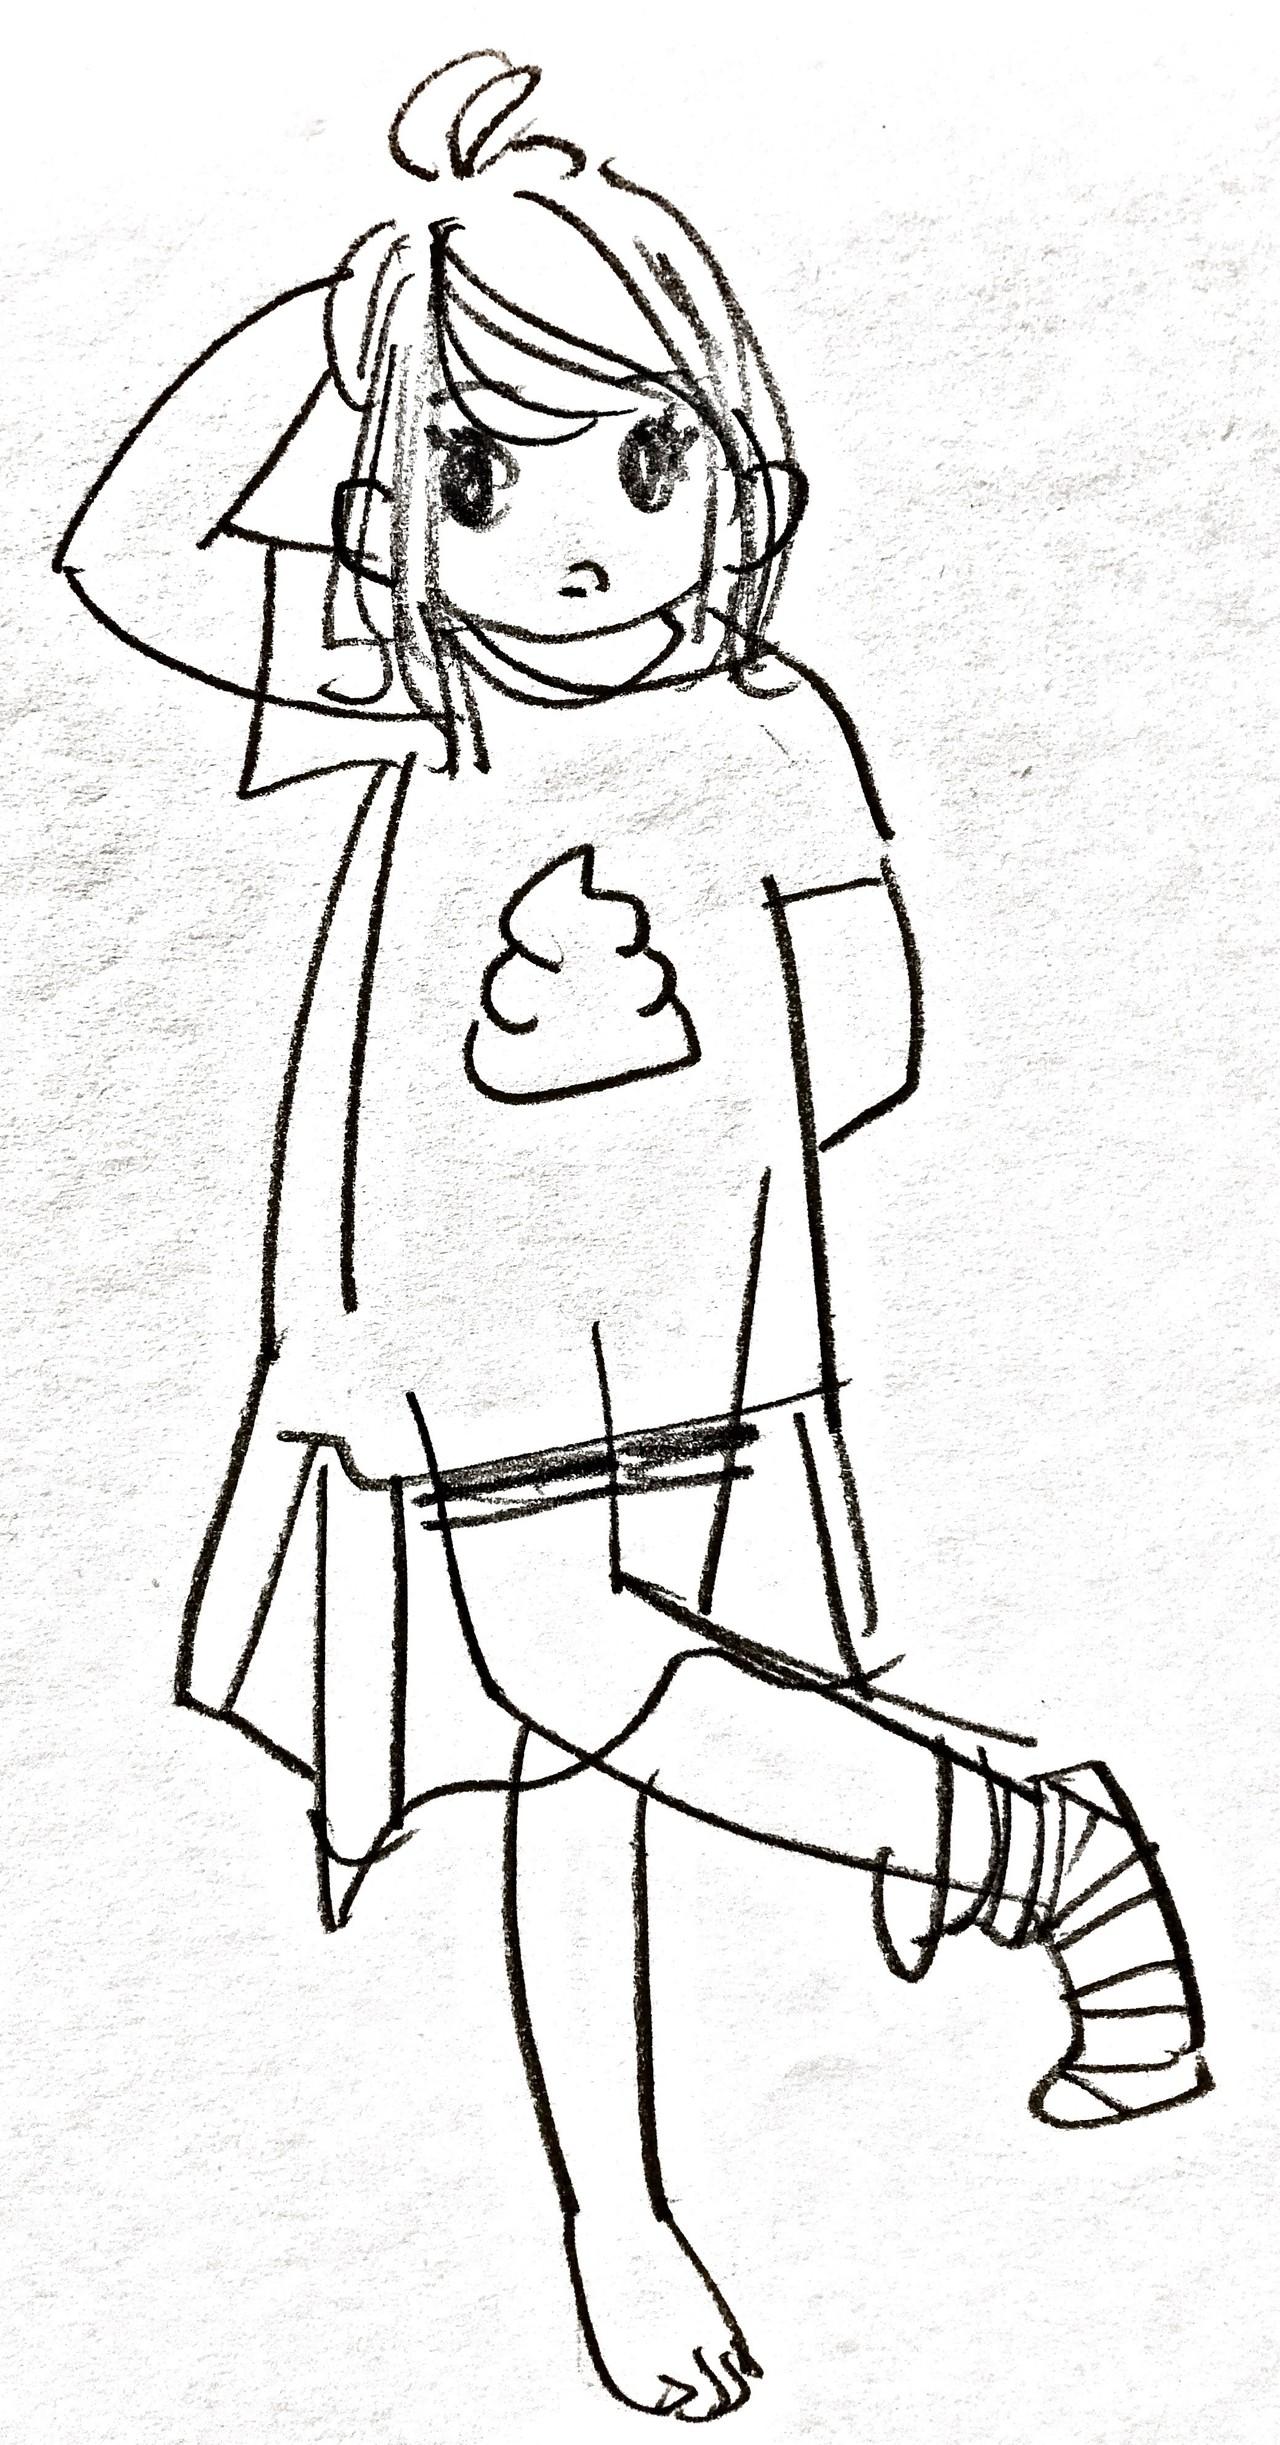 うんこtと片っぽだけの靴下ガール イラスト 絵 うんこ